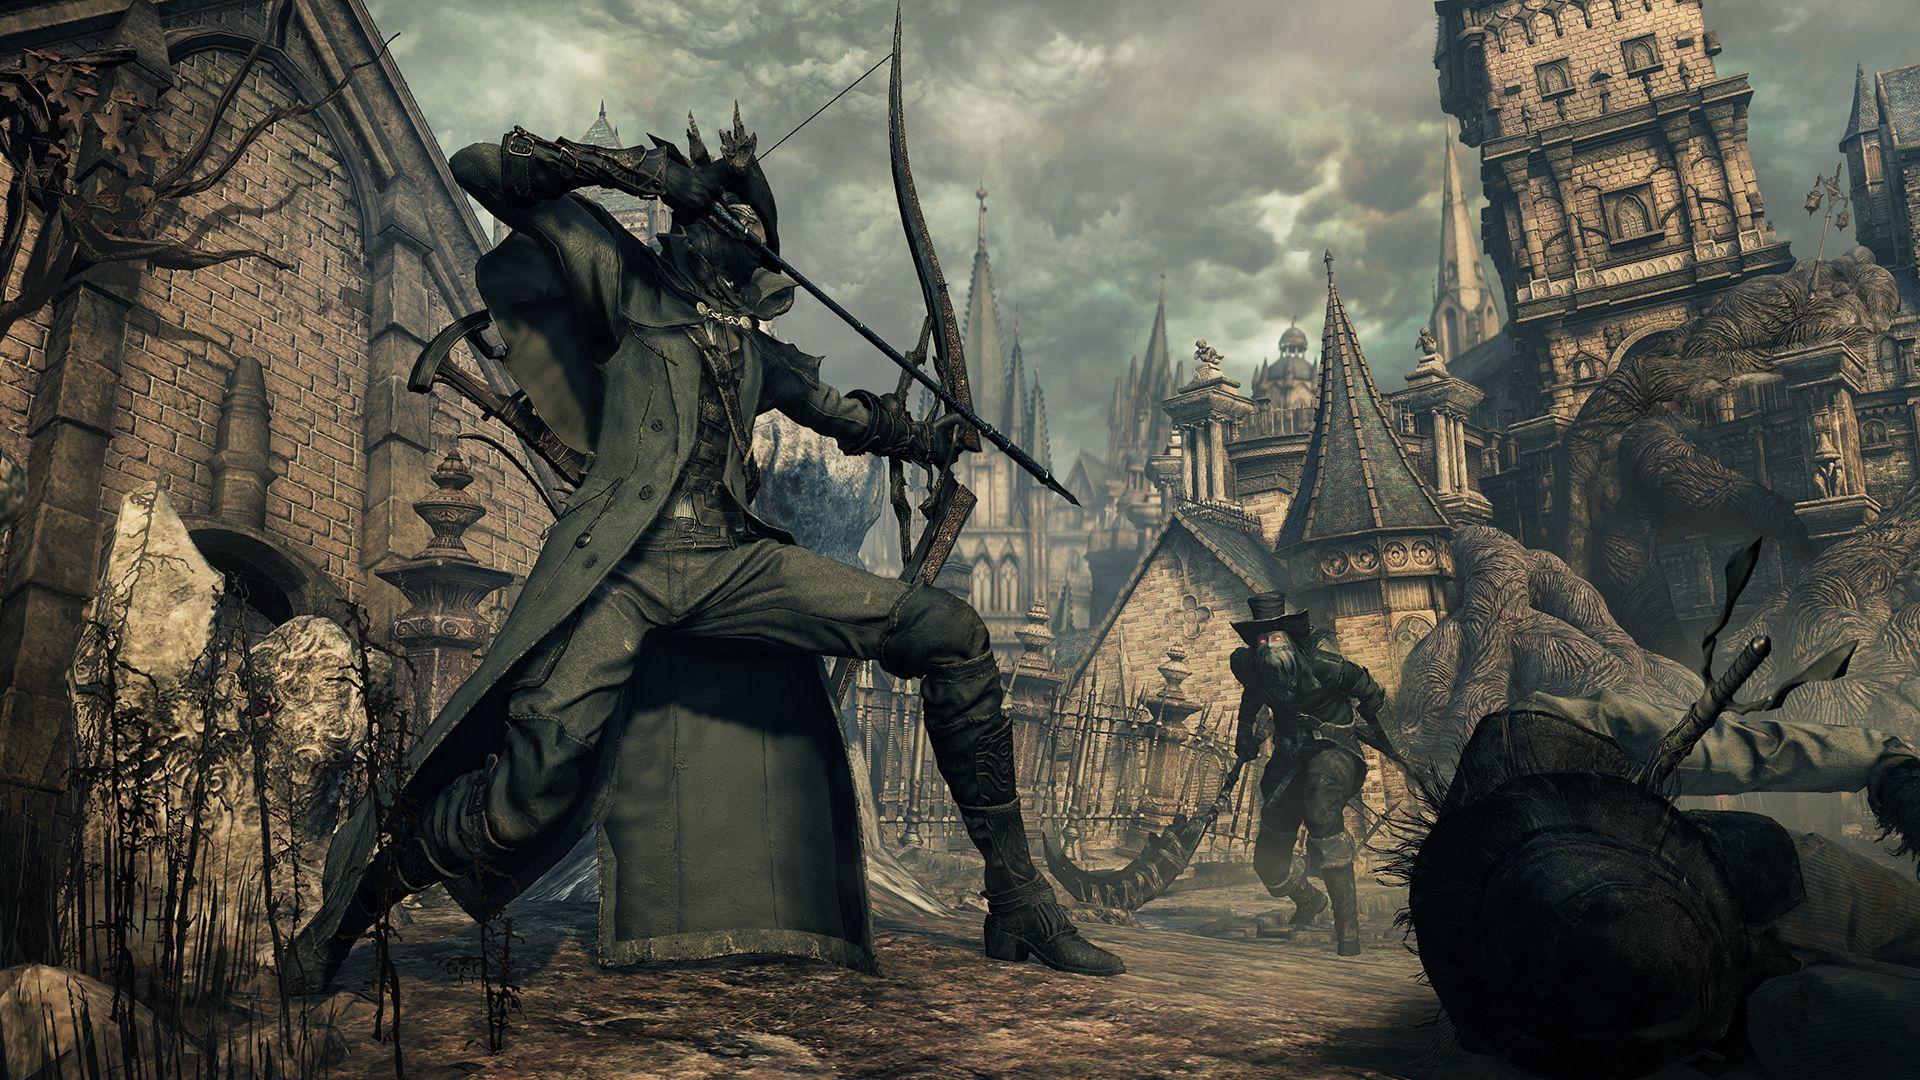 Bloodborne DLC